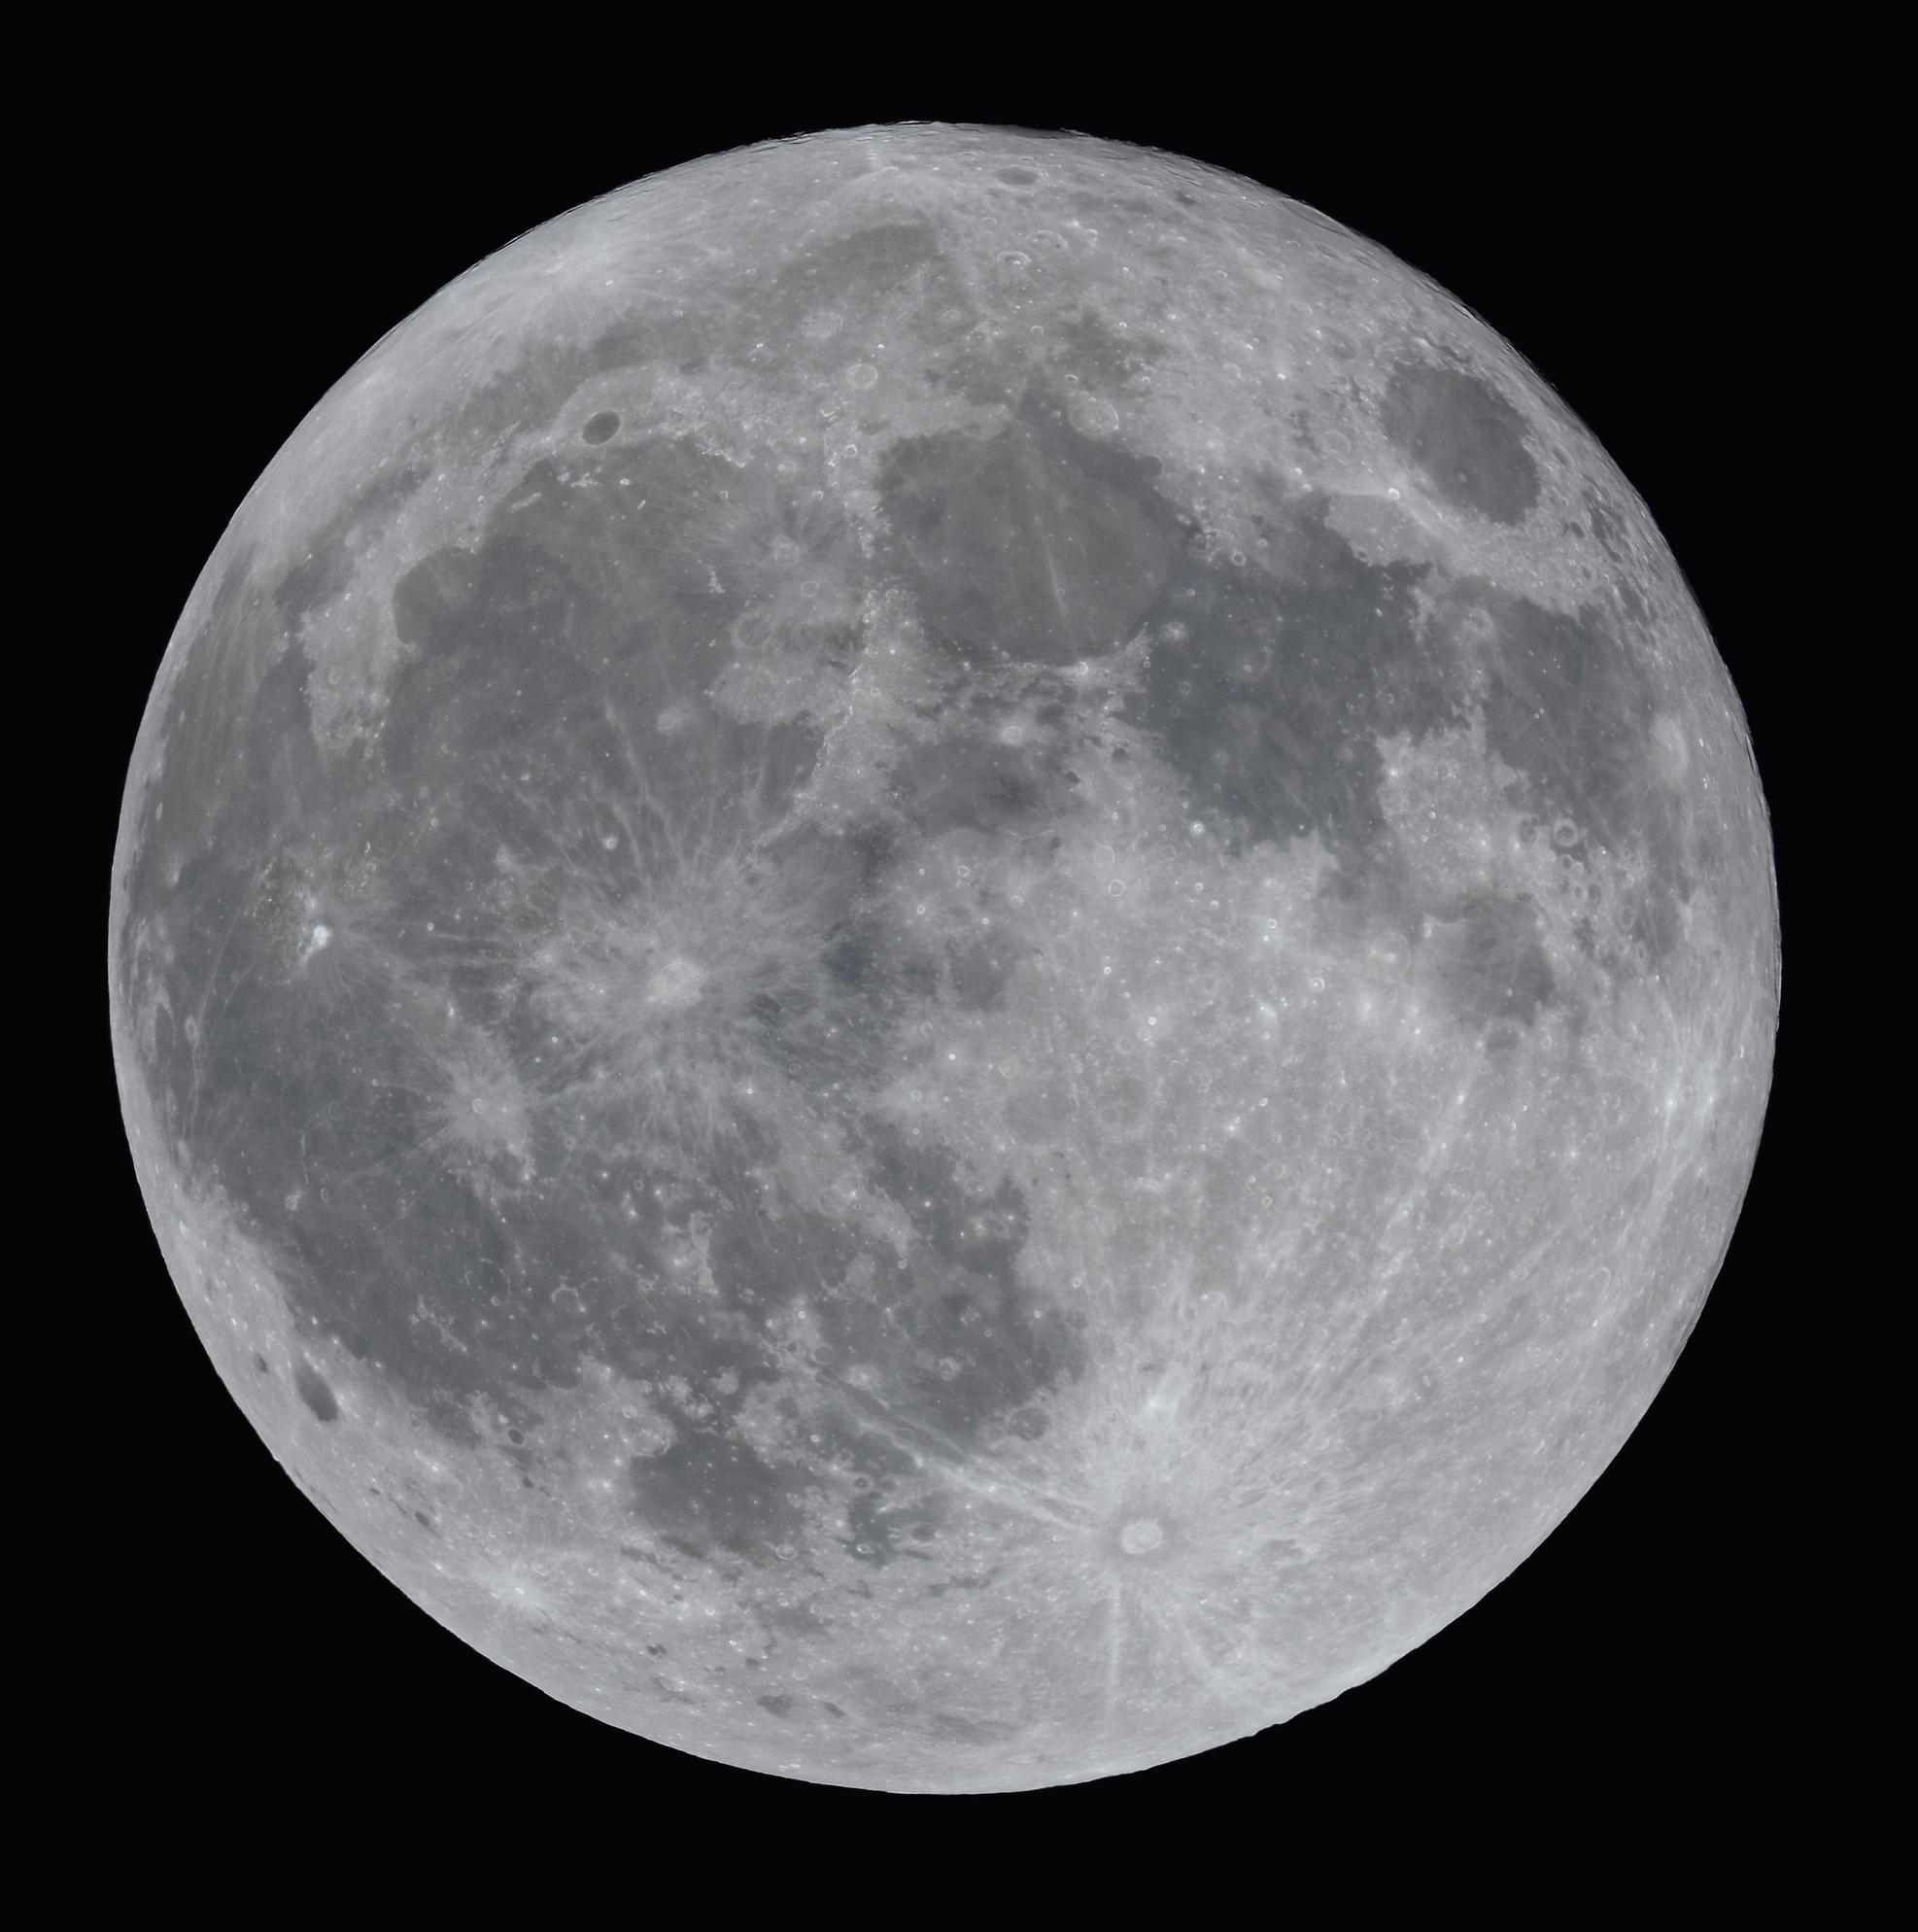 La lune du 22 Décembre 2018 au Nikon D810 et lunette apochromatique de 76mm